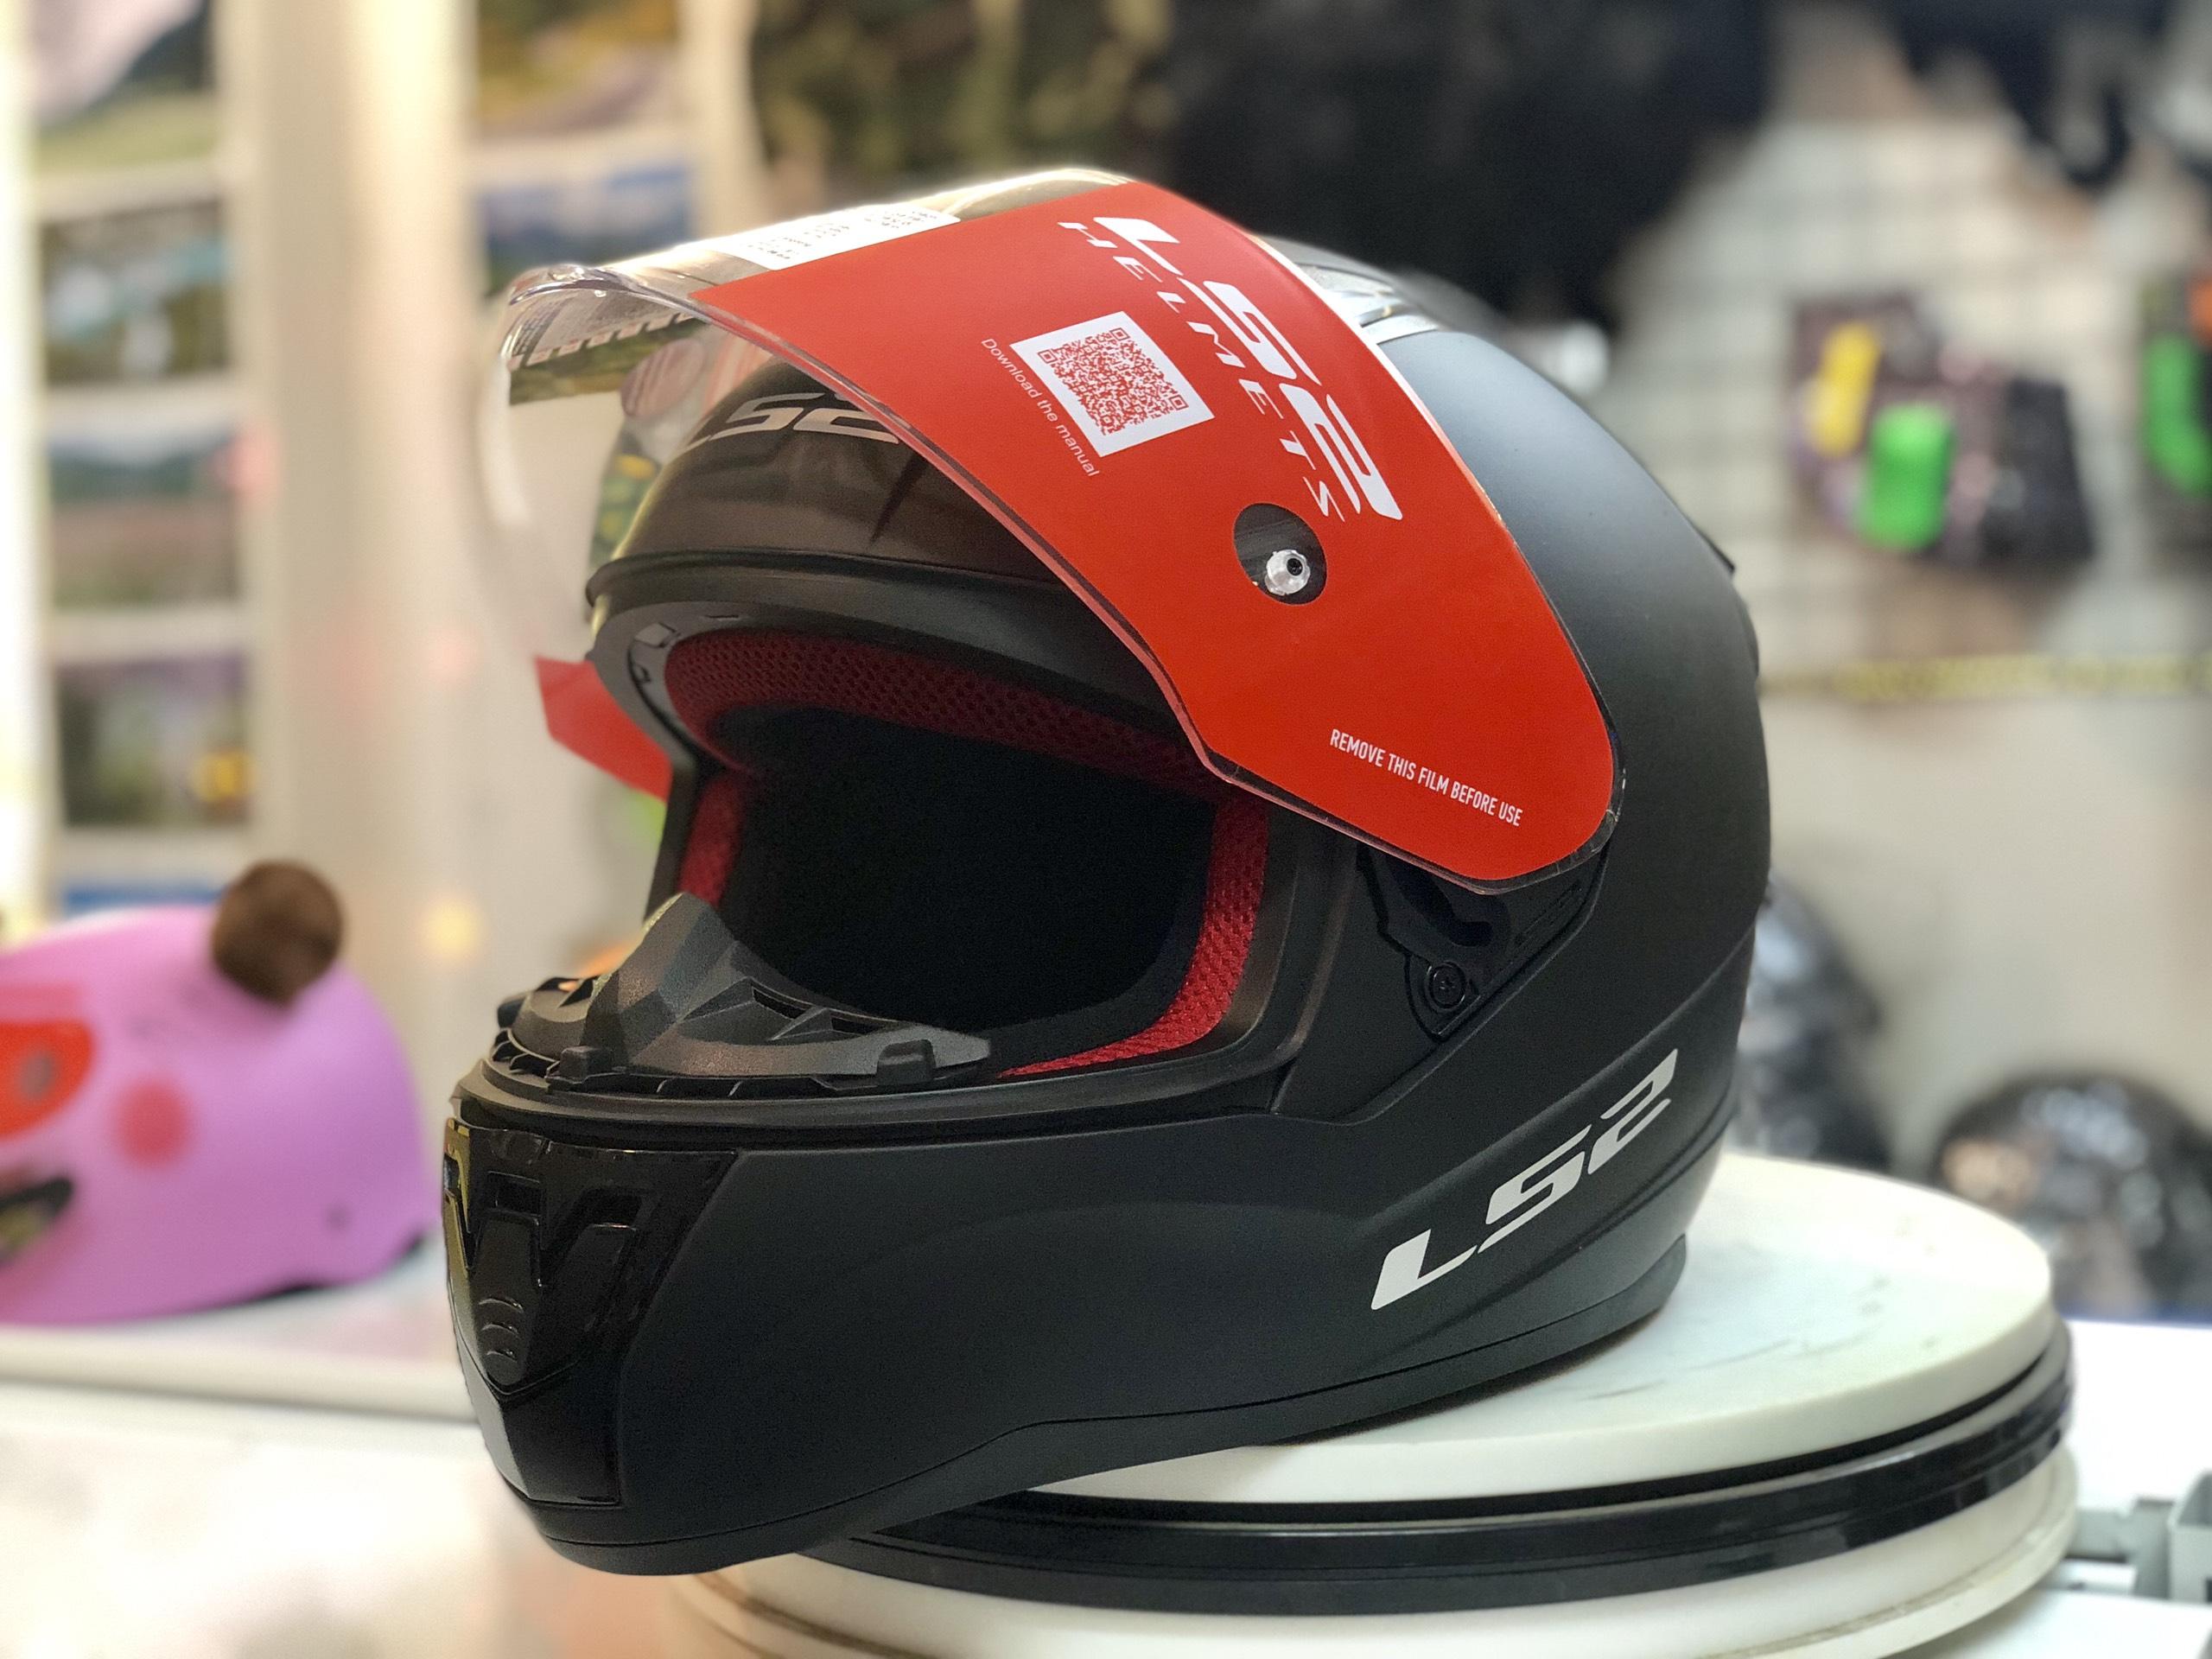 mũ ls2 ff353 (4)